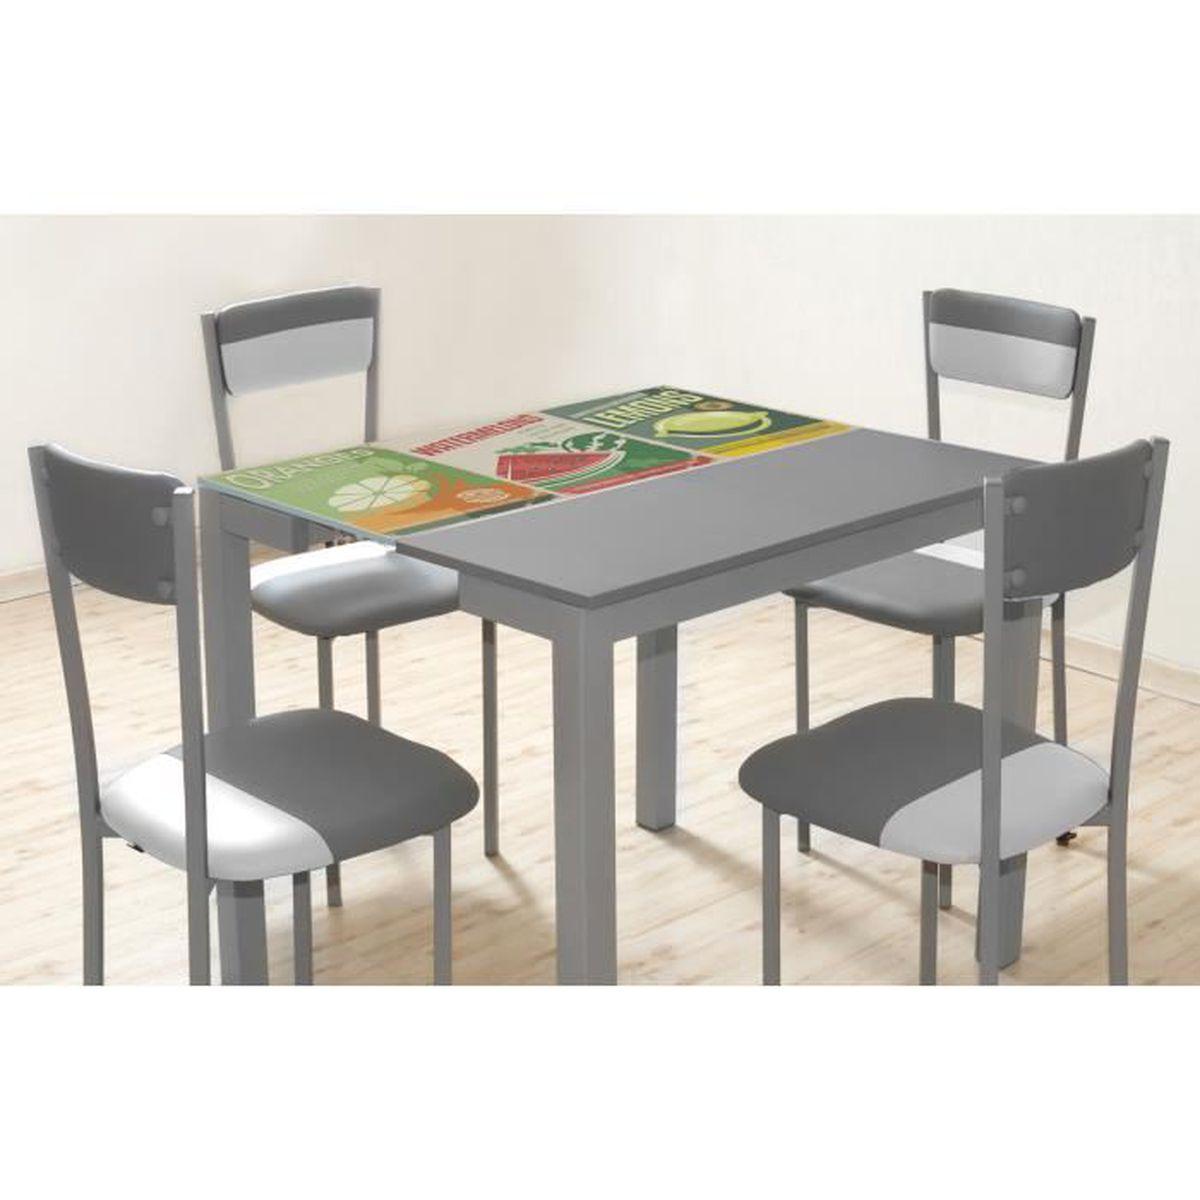 Table jardin verre extensible - Achat / Vente pas cher